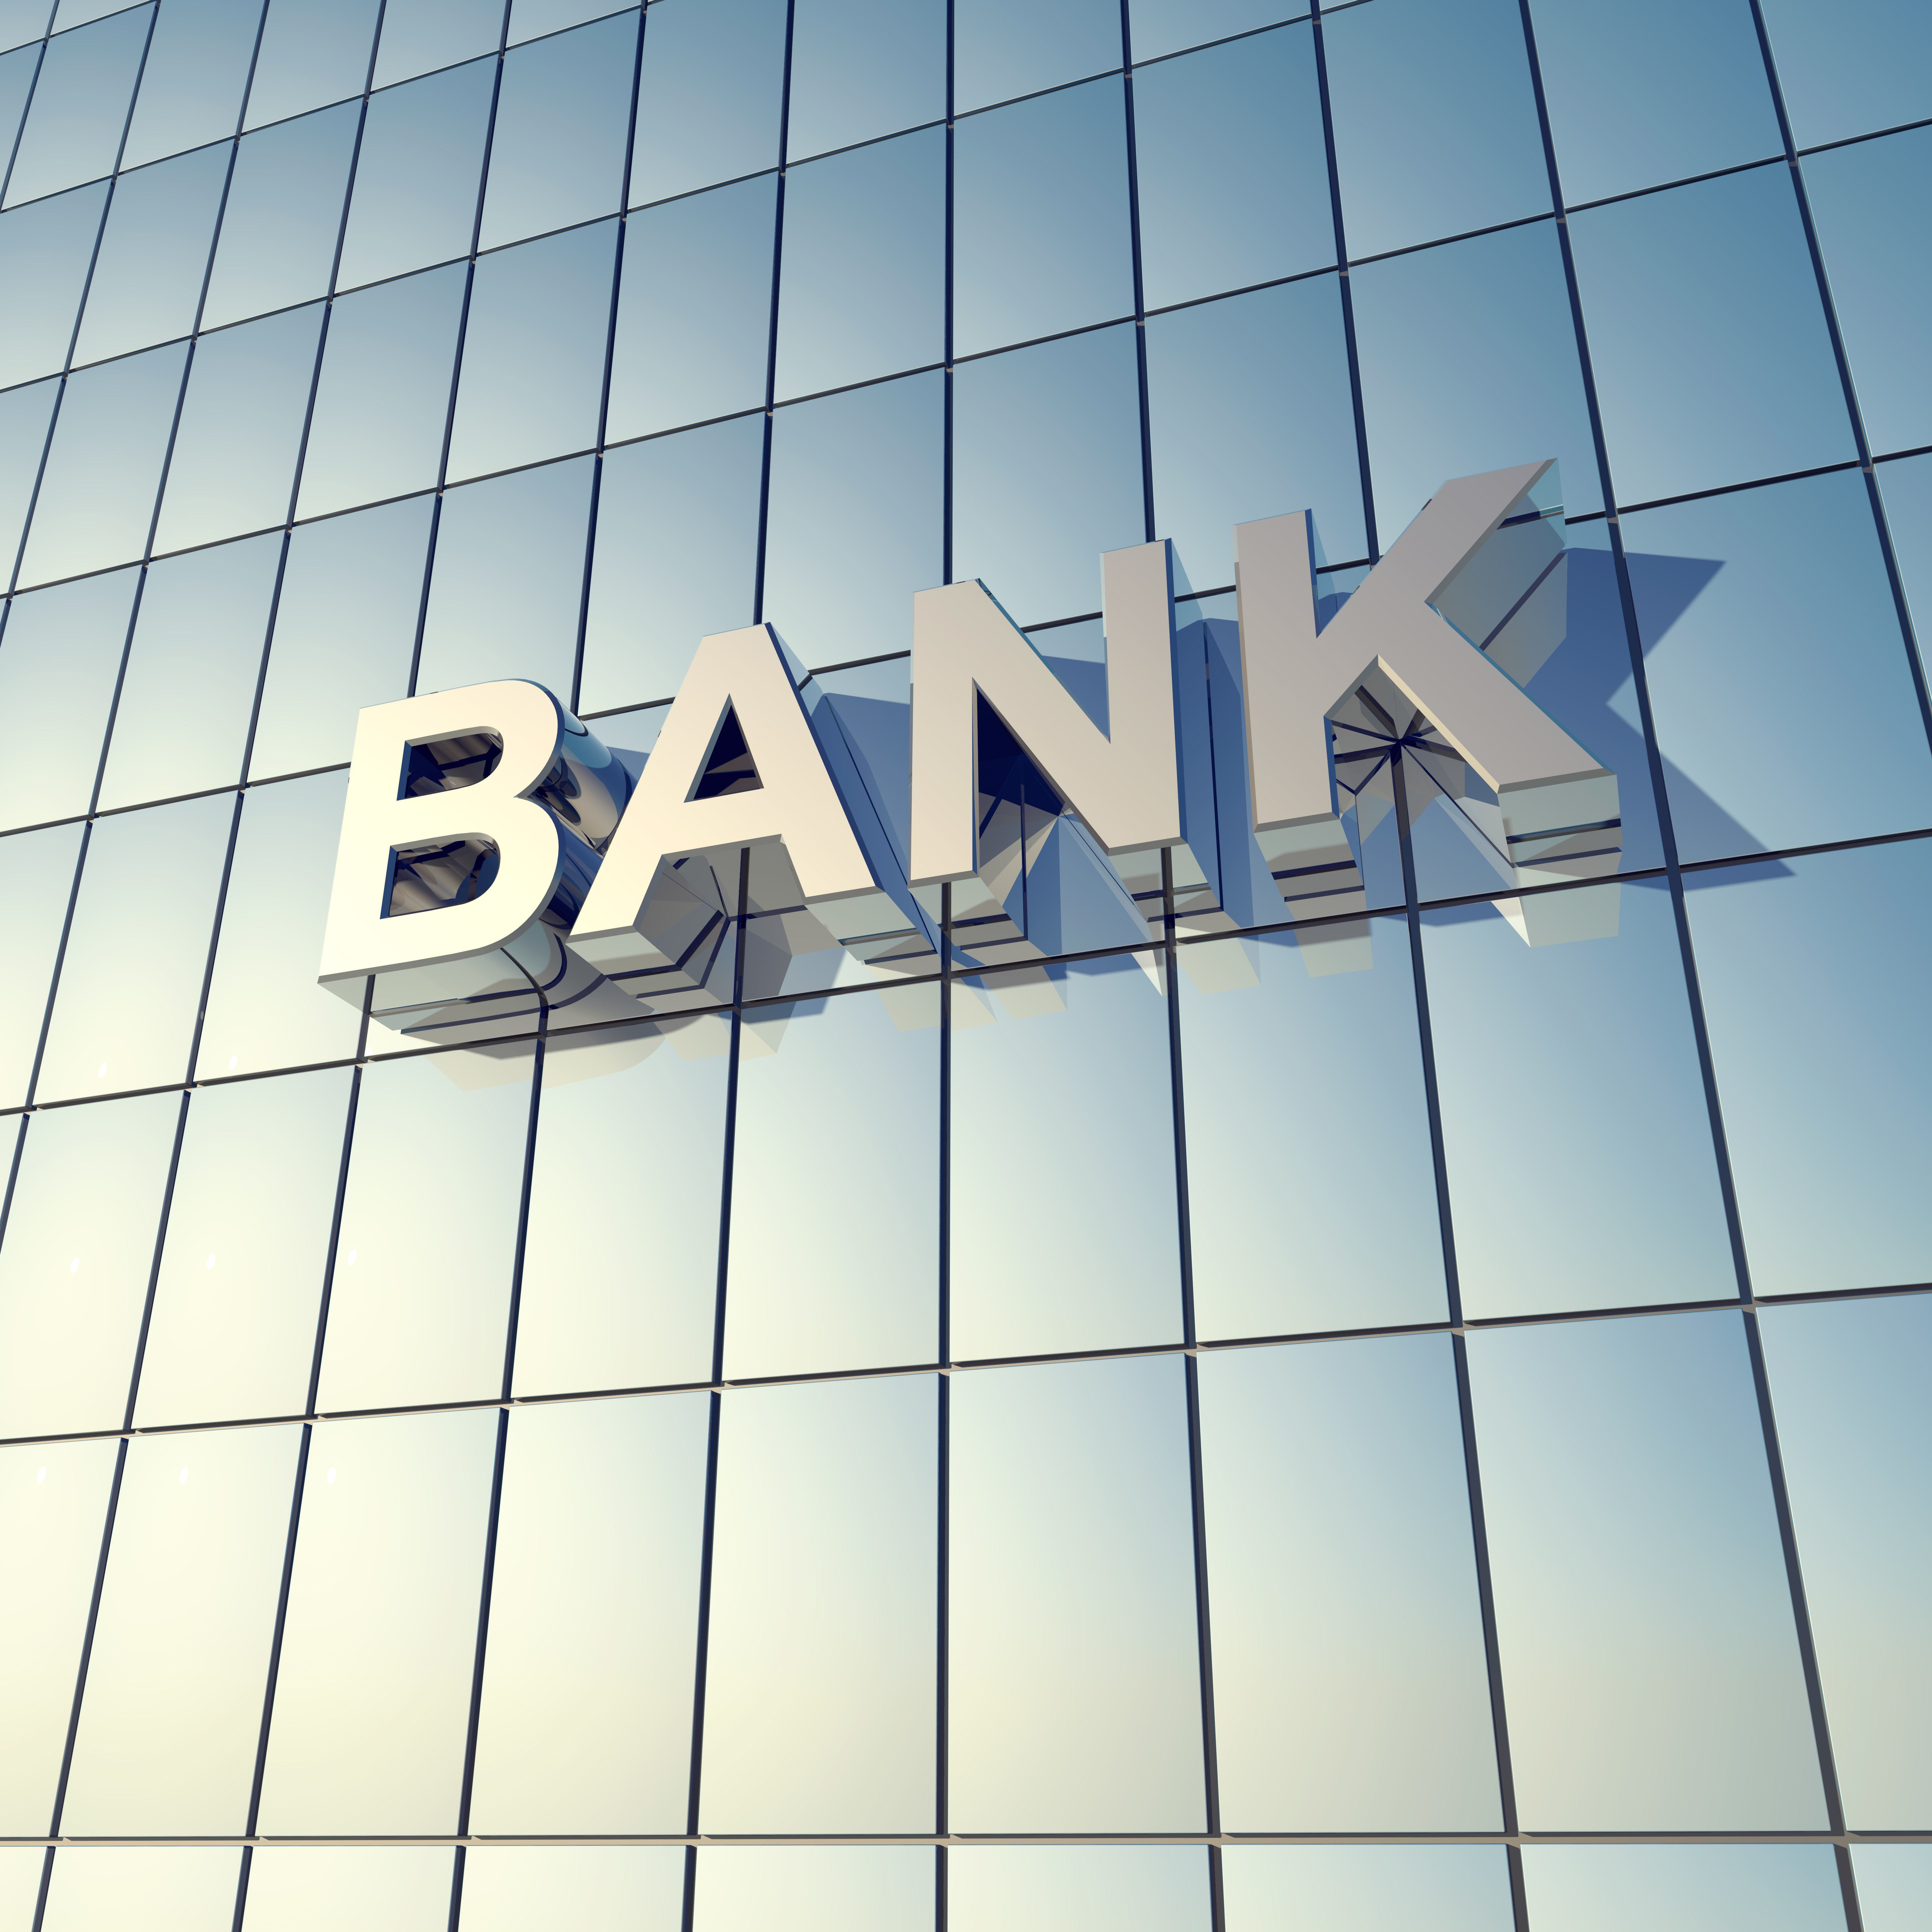 Σχέδια για «bad bank» επεξεργάζεται η κυβέρνηση